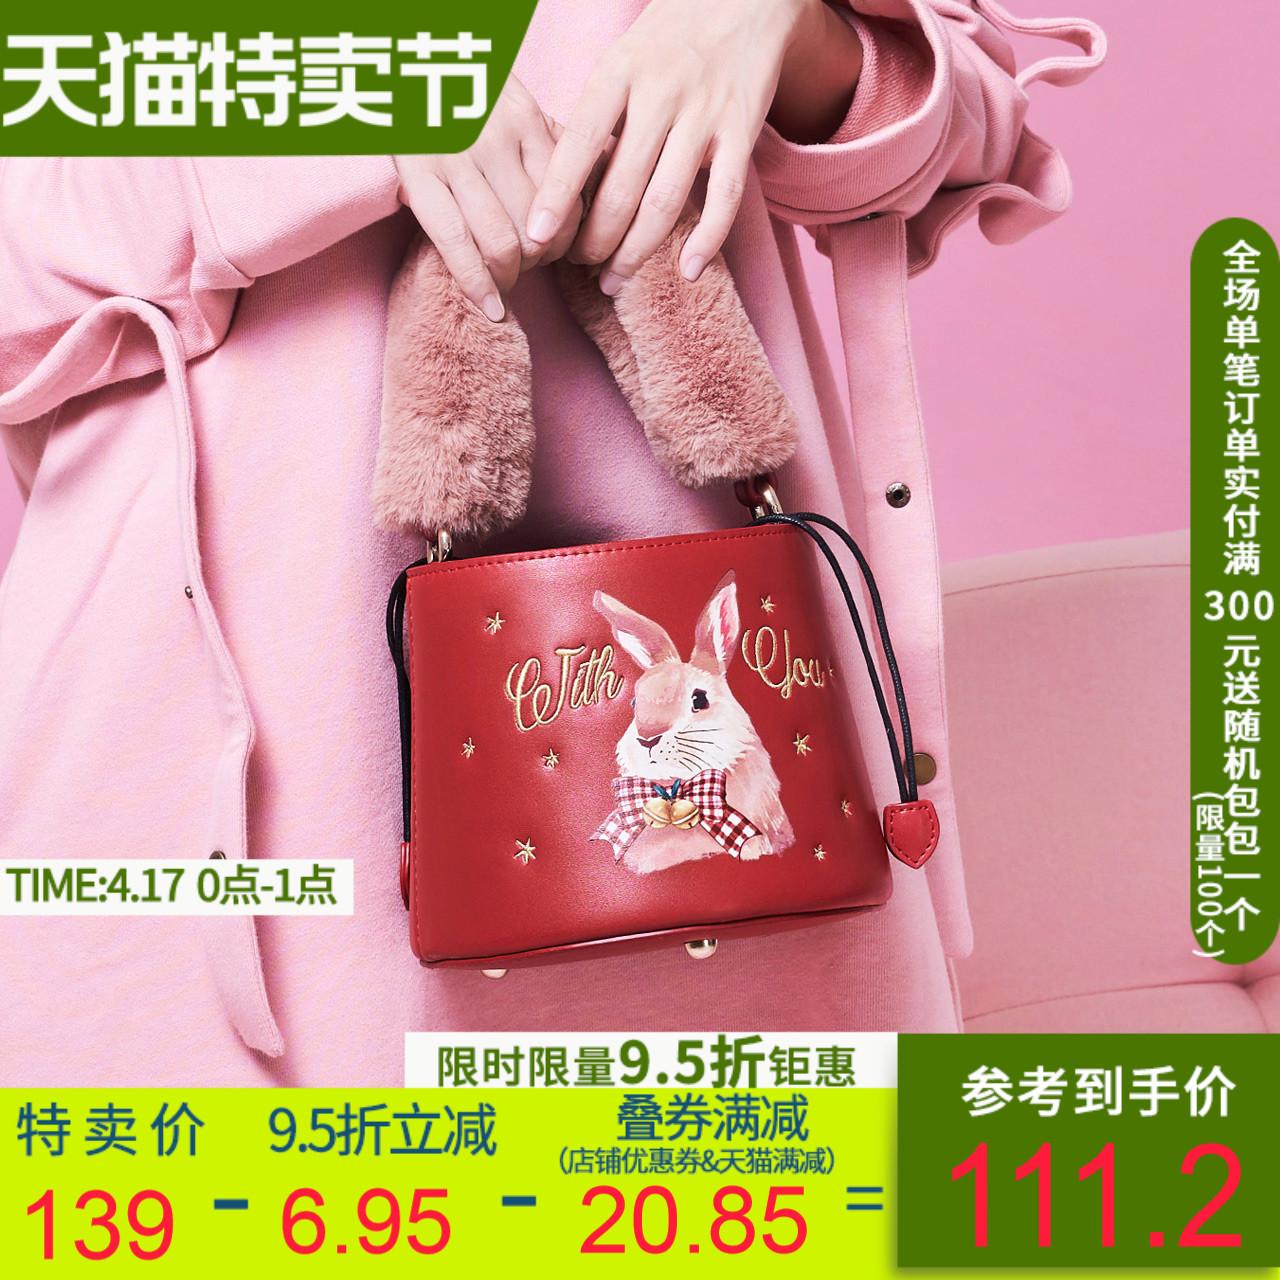 红色斜挎包 Artmi阿特密2021新款毛绒小ck时尚红色包包女网红手提斜挎水桶包_推荐淘宝好看的红色斜挎包